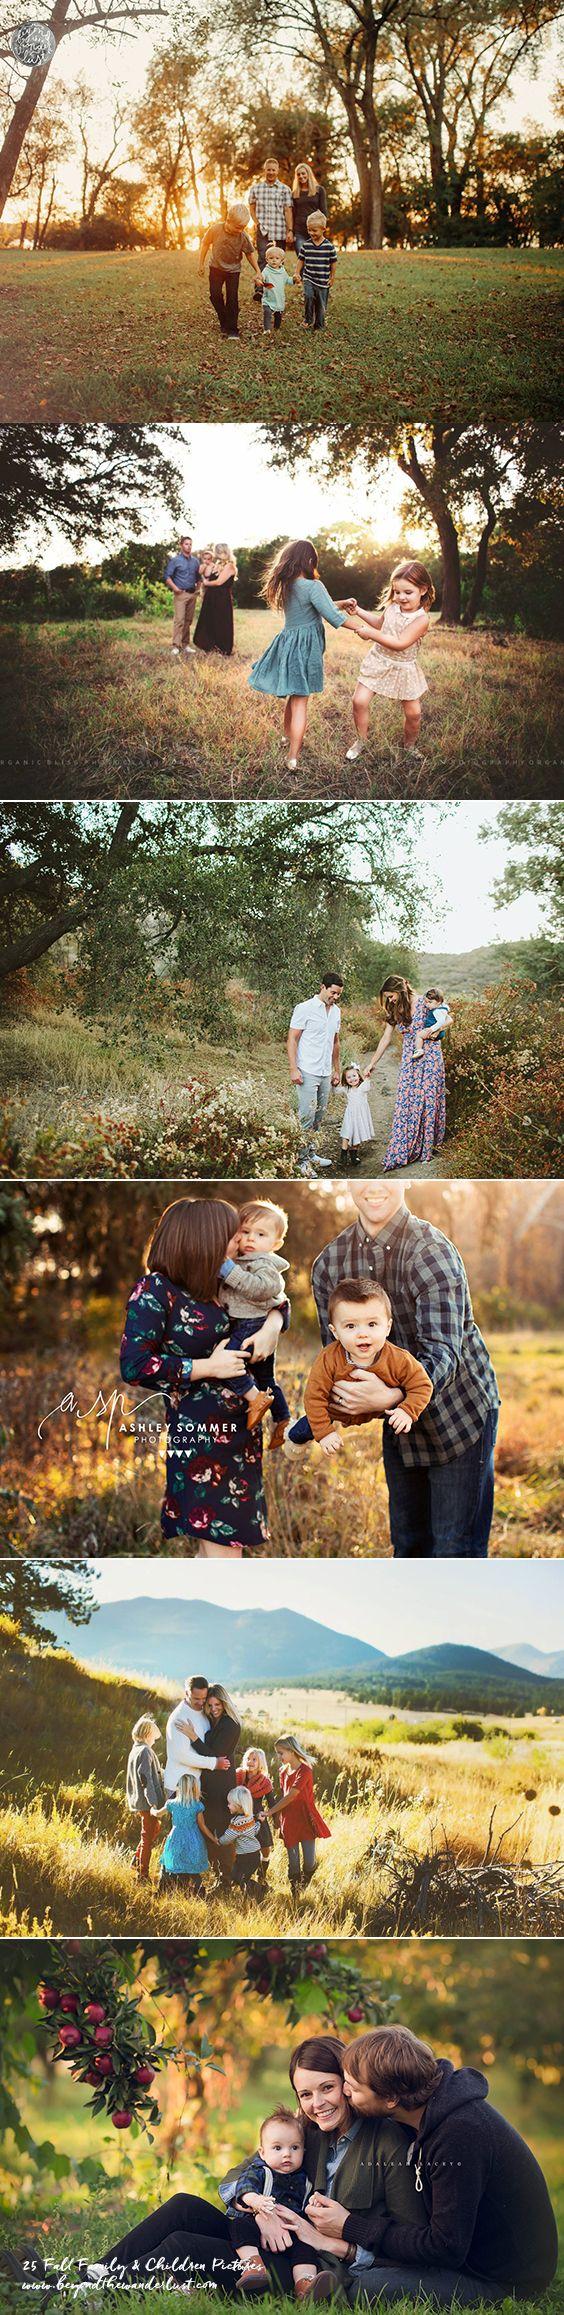 25 Fall Family and Children Pictures | Fotografía de familia, Otoño ...